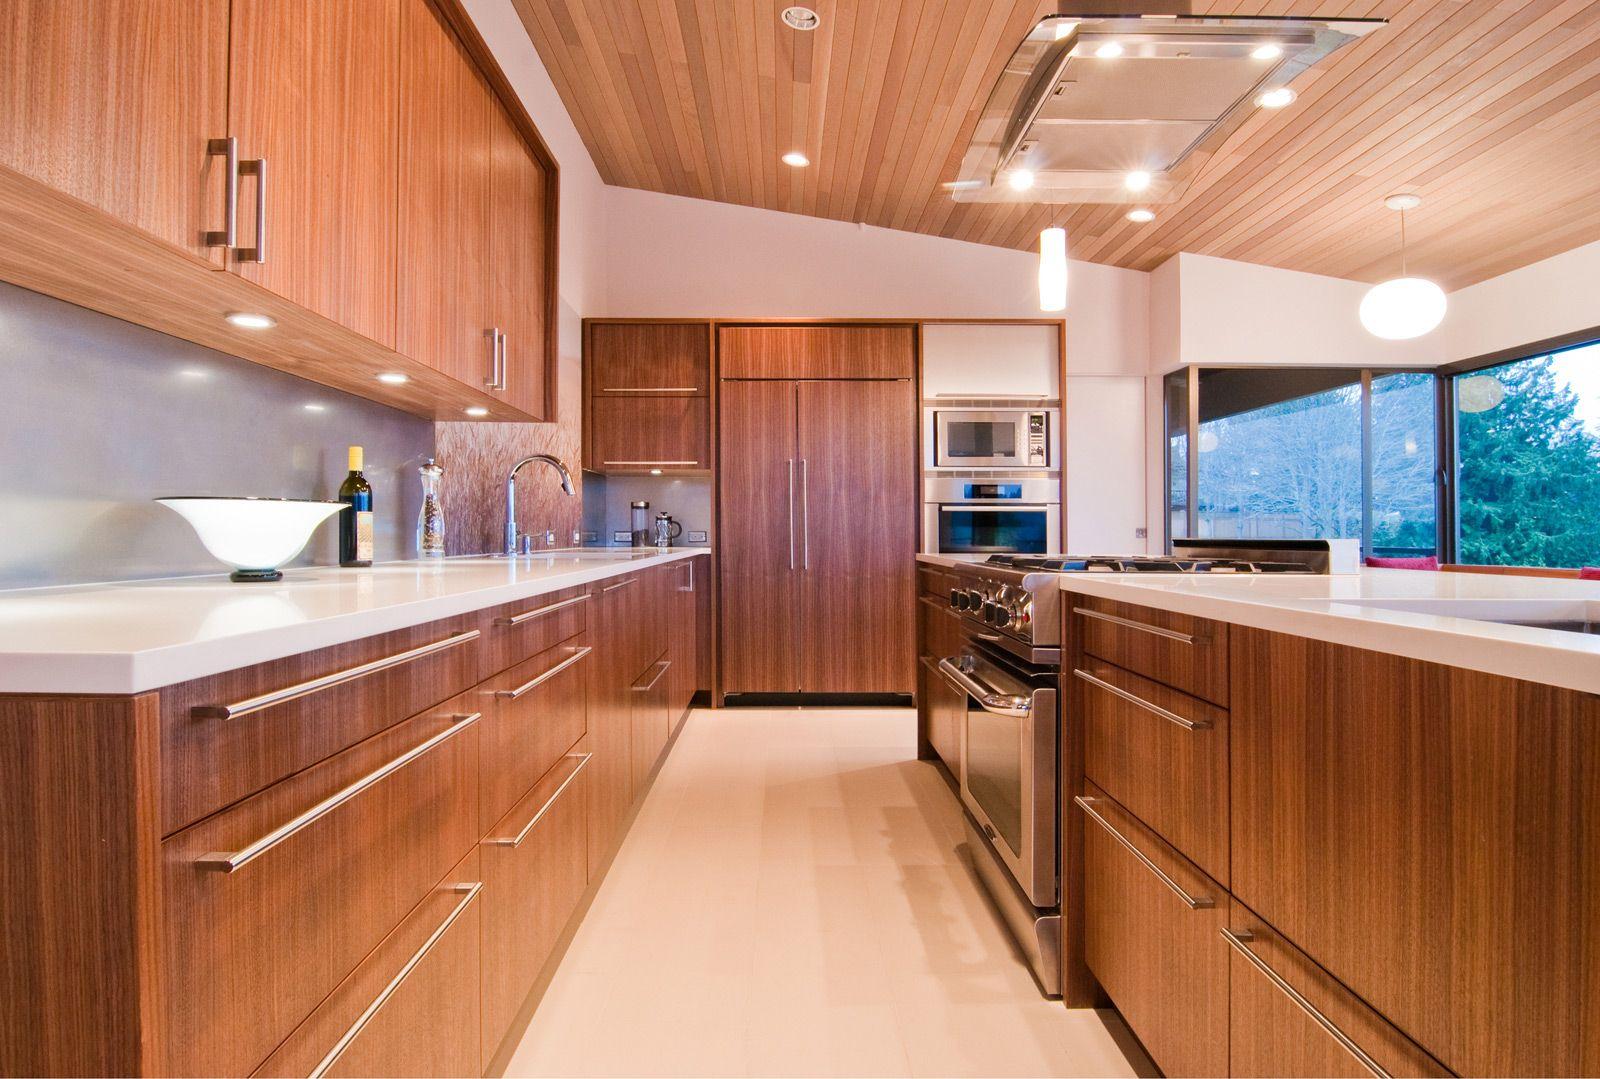 Best Kitchen Gallery: 5 Modern Kitchen Designs Principles Modern Kitchen Designs West of Seattle Kitchen Cabinets on rachelxblog.com